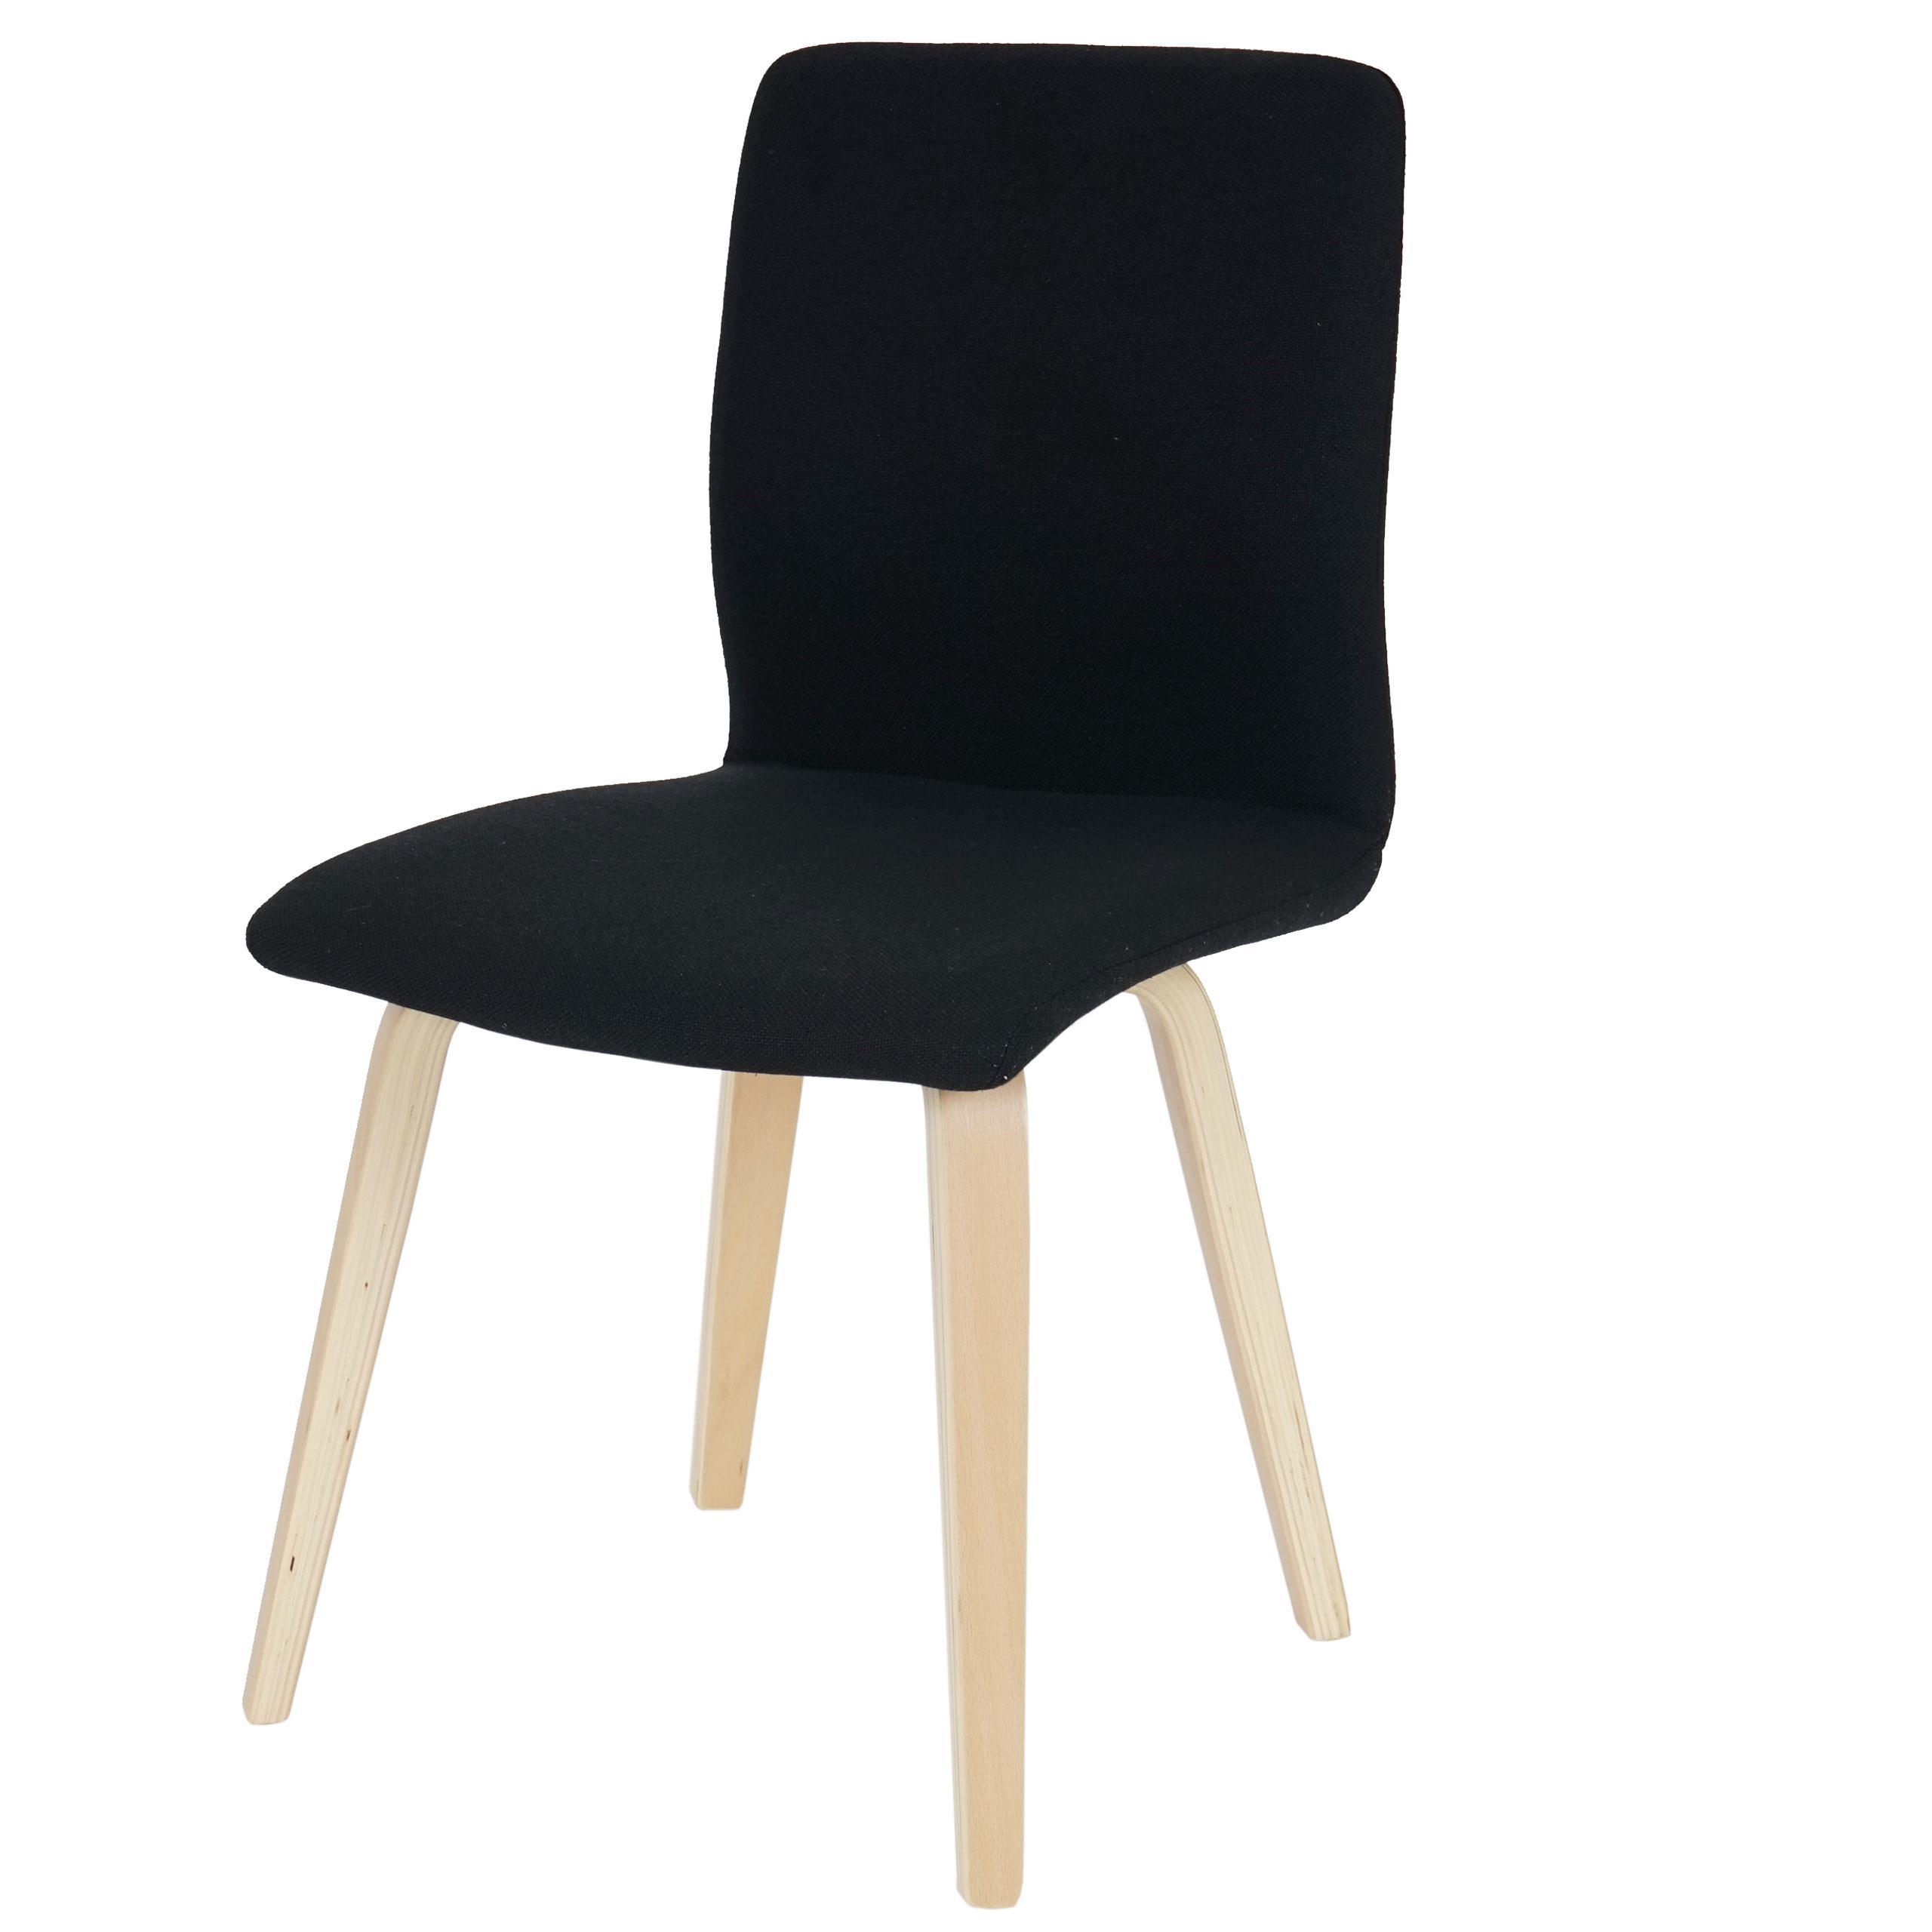 Lote 4 sillas de cocina o comedor dusty estructura y - Sillas de cocina diseno ...